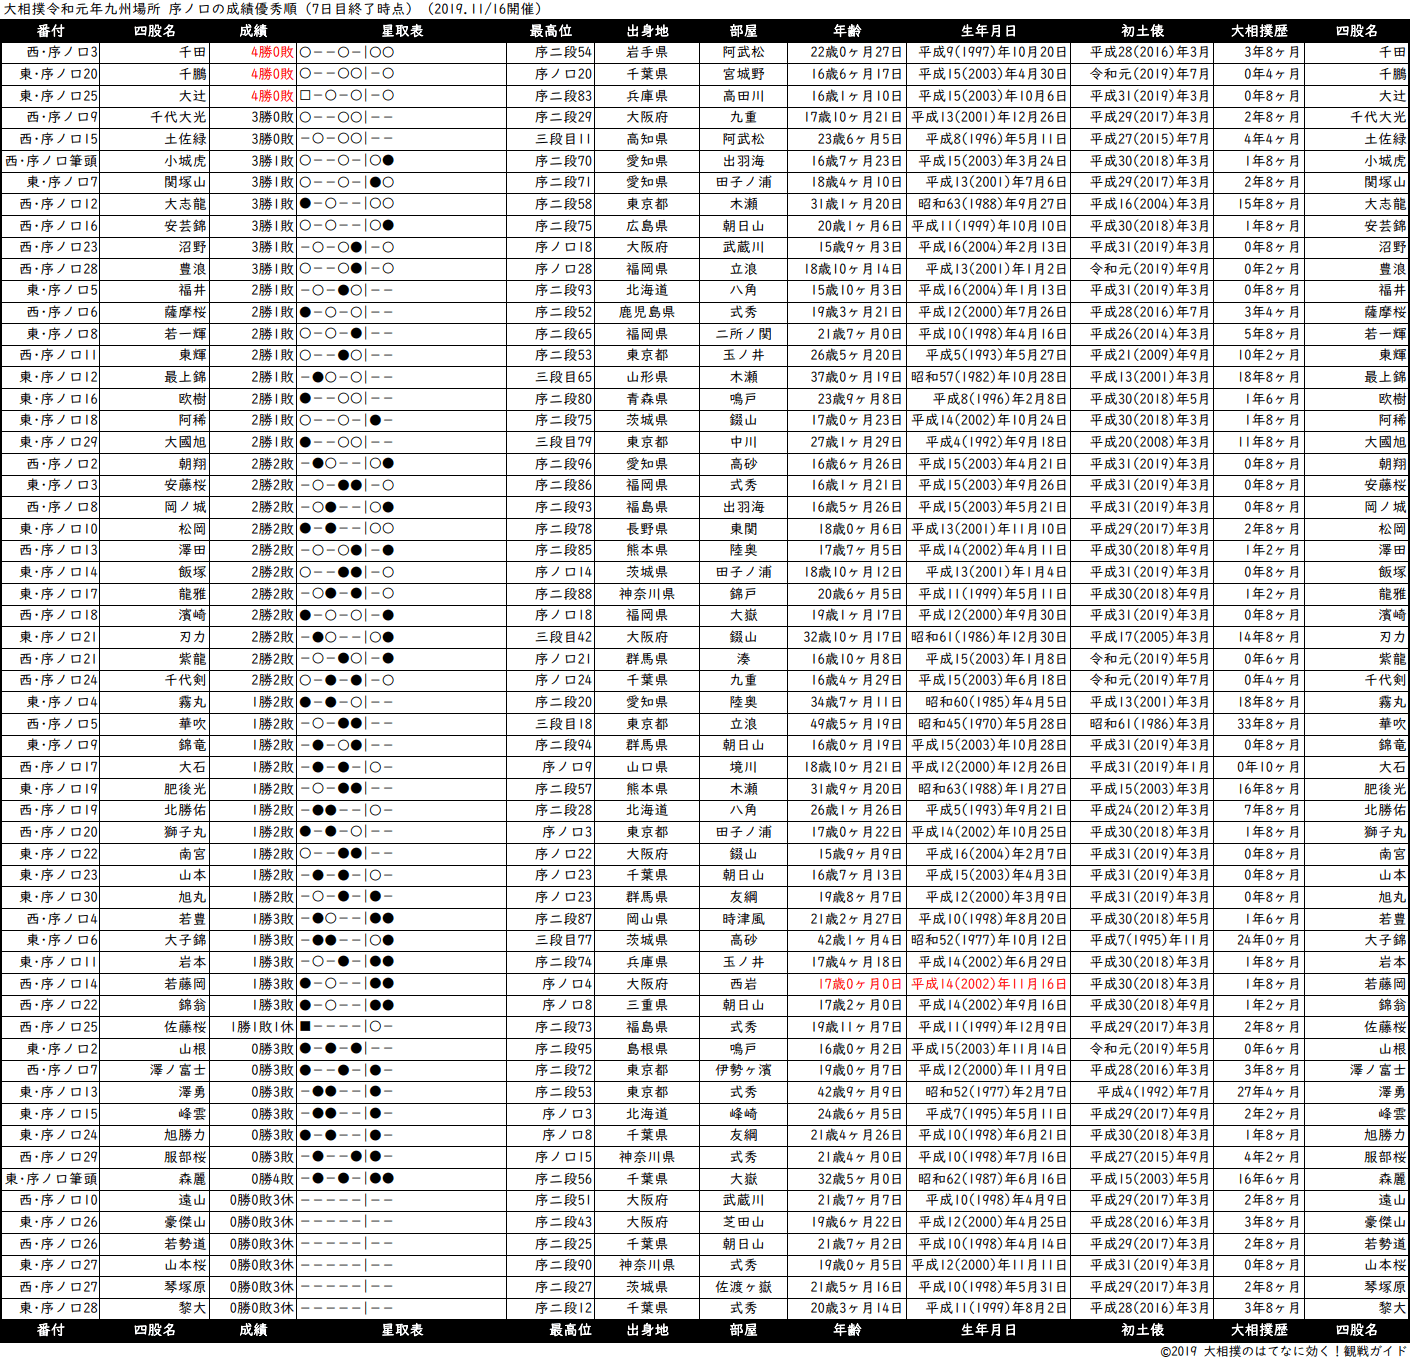 序ノ口成績順一覧表・2019年11月場所7日目